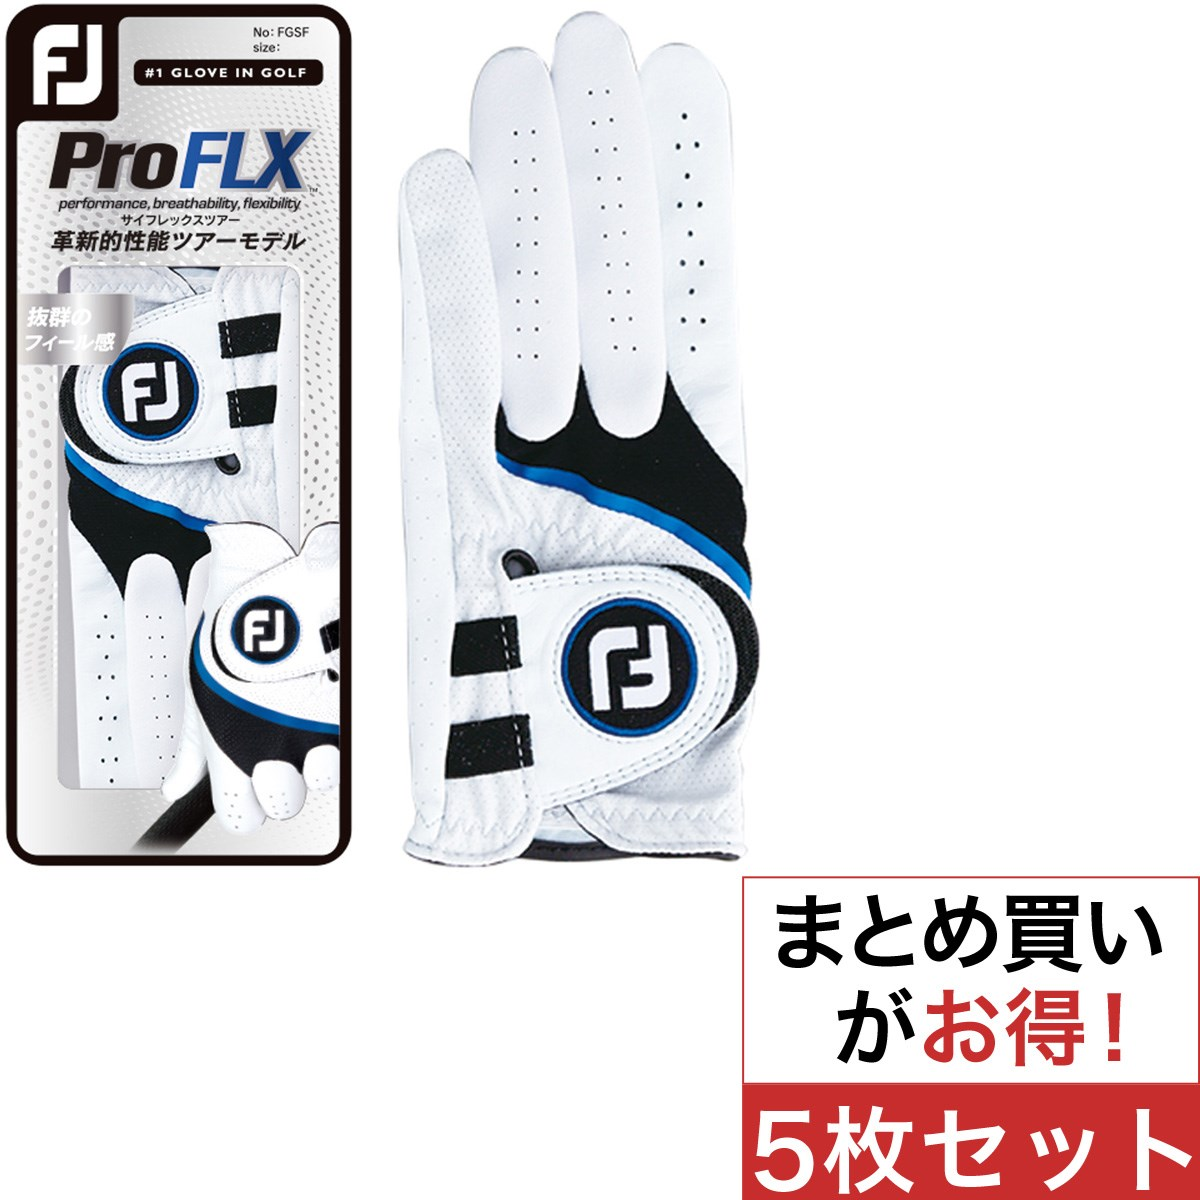 フットジョイ(FootJoy) プロフレックス グローブ 5枚セット